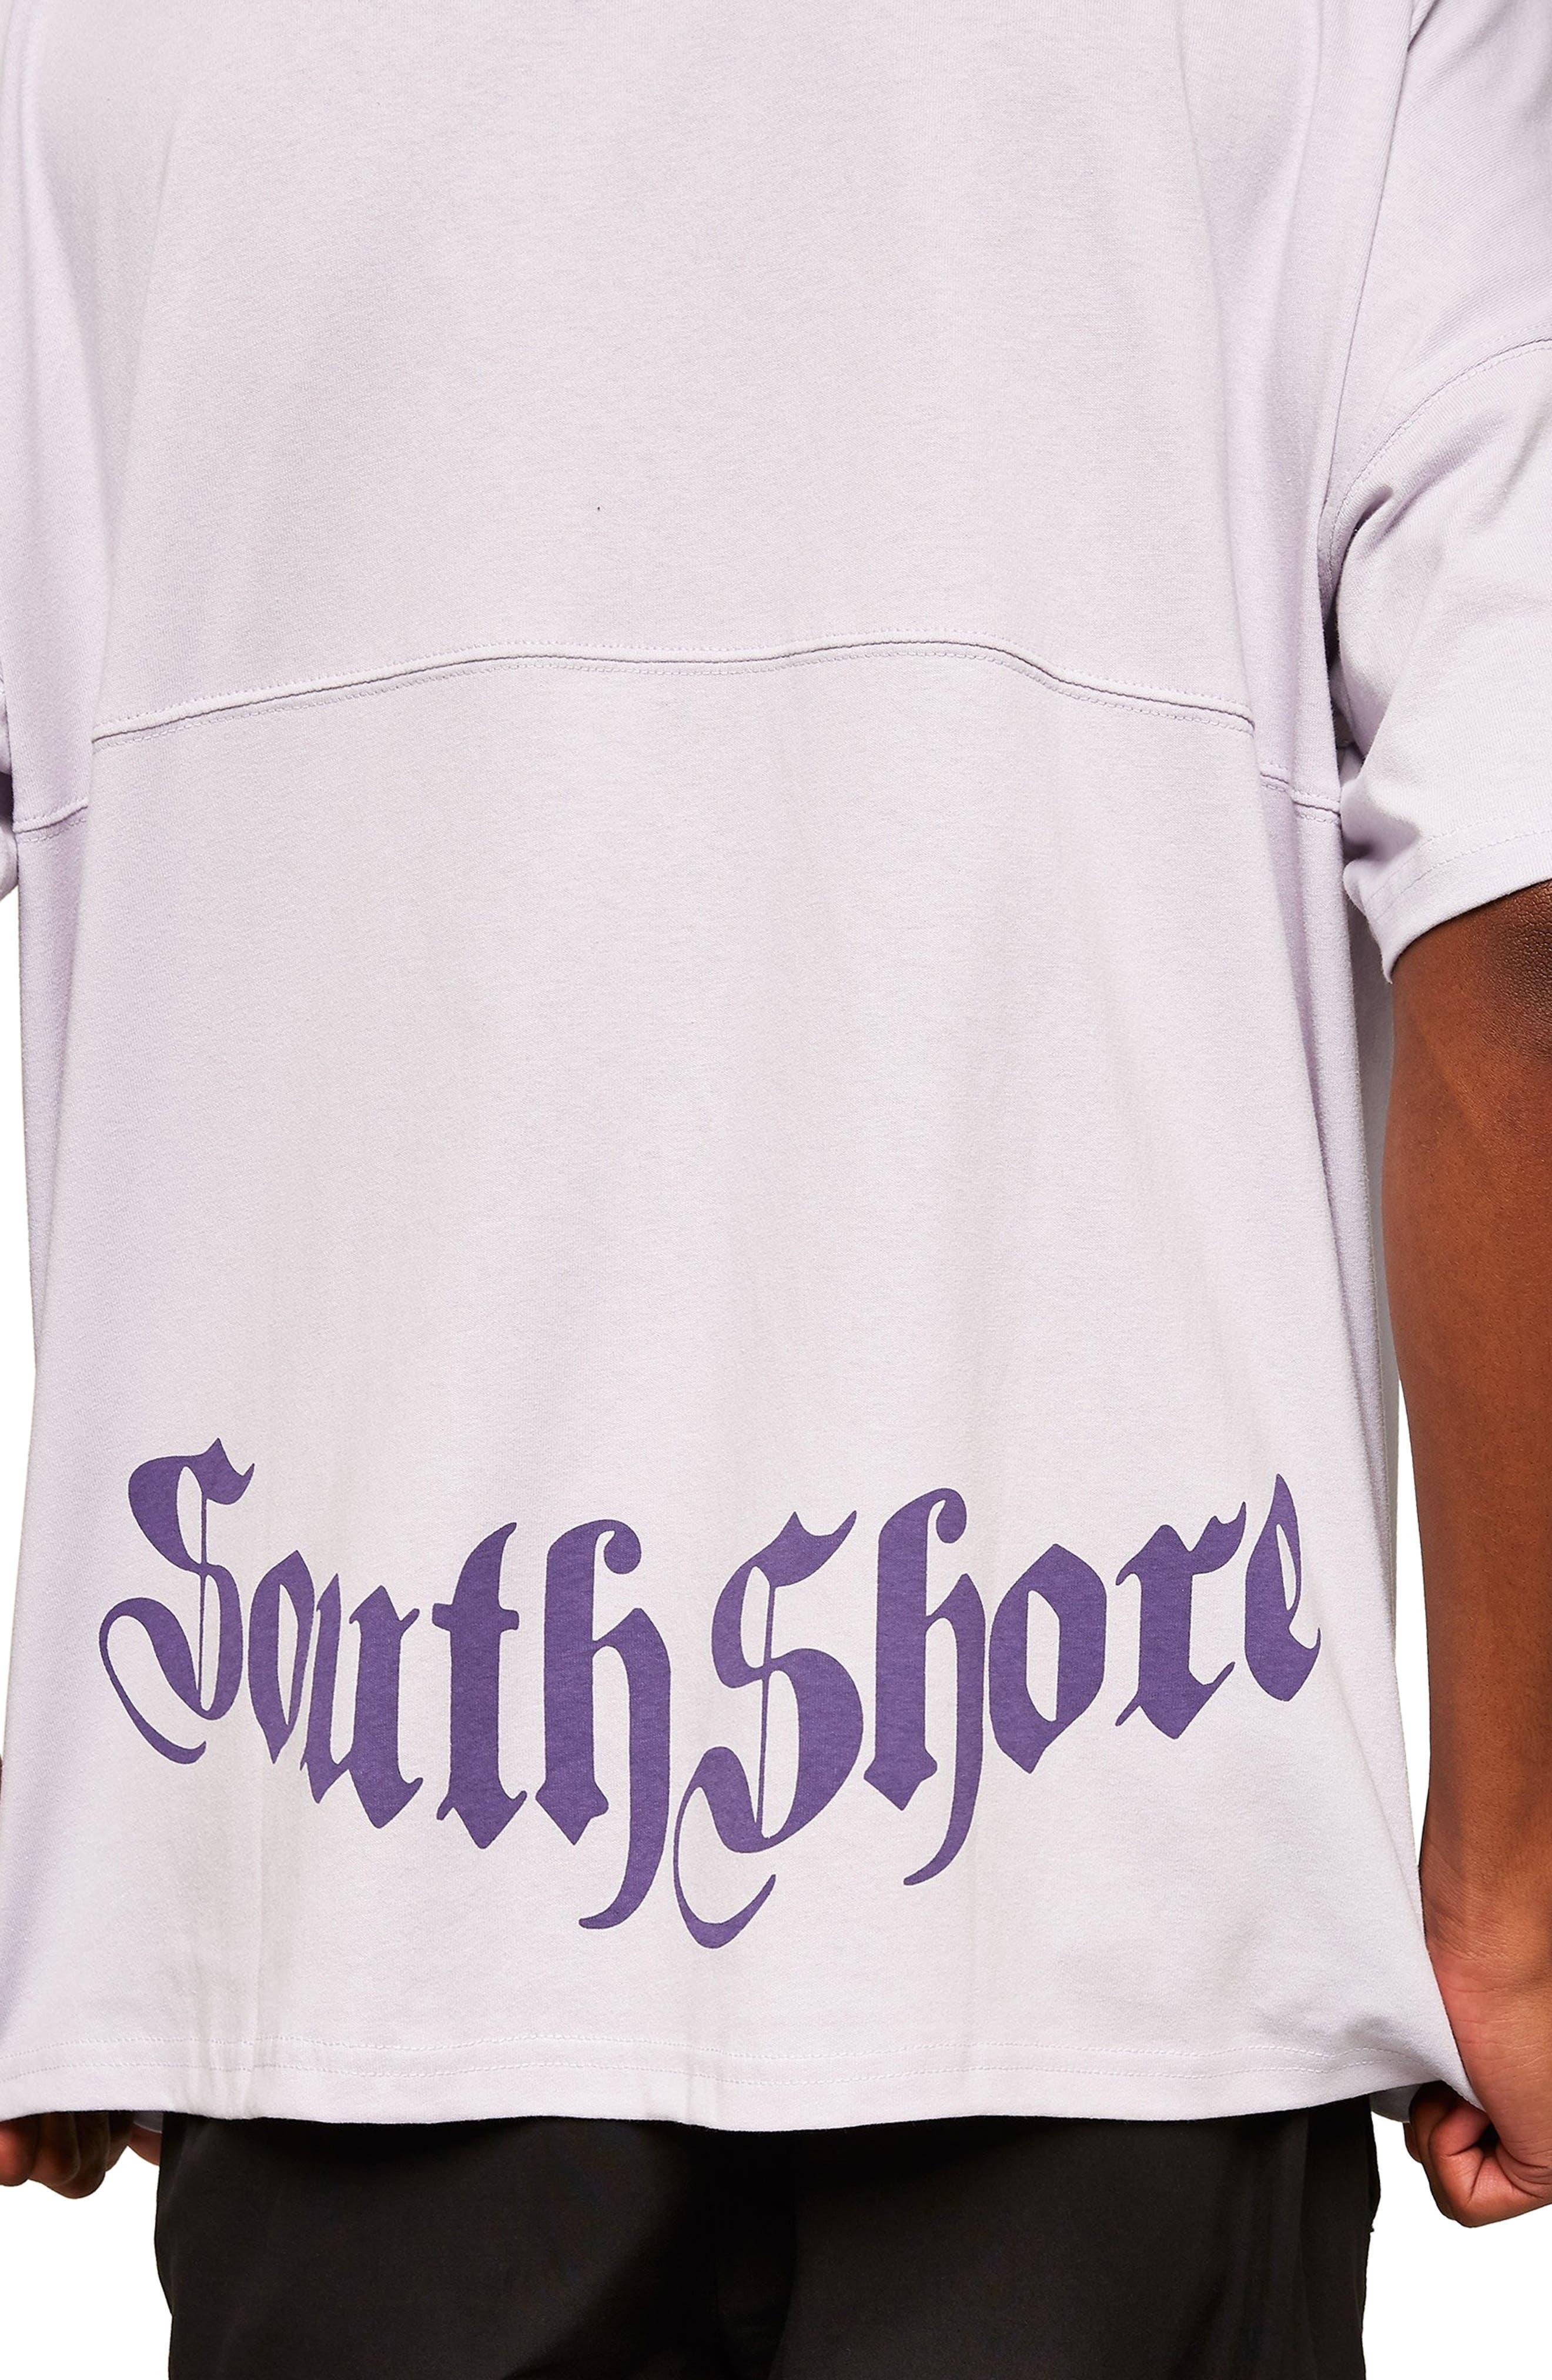 Southshore Oversize T-Shirt,                             Alternate thumbnail 4, color,                             PURPLE